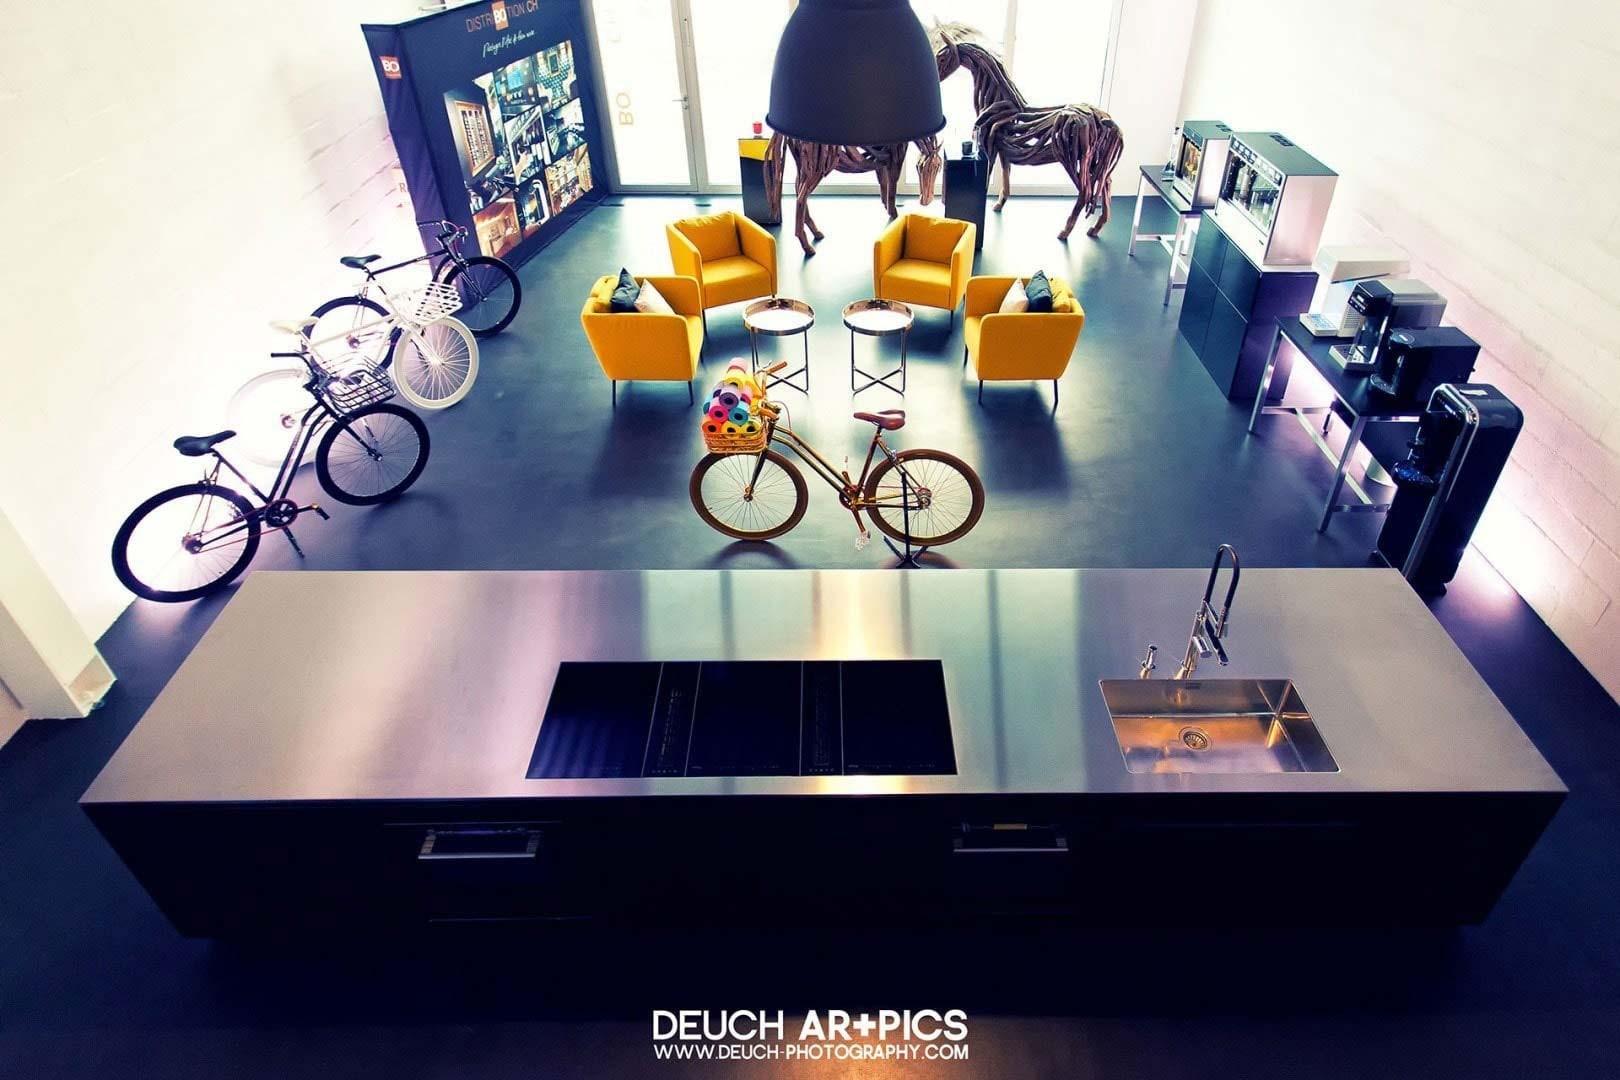 deuch-photography-photographe-interieur-suisse-lausanne